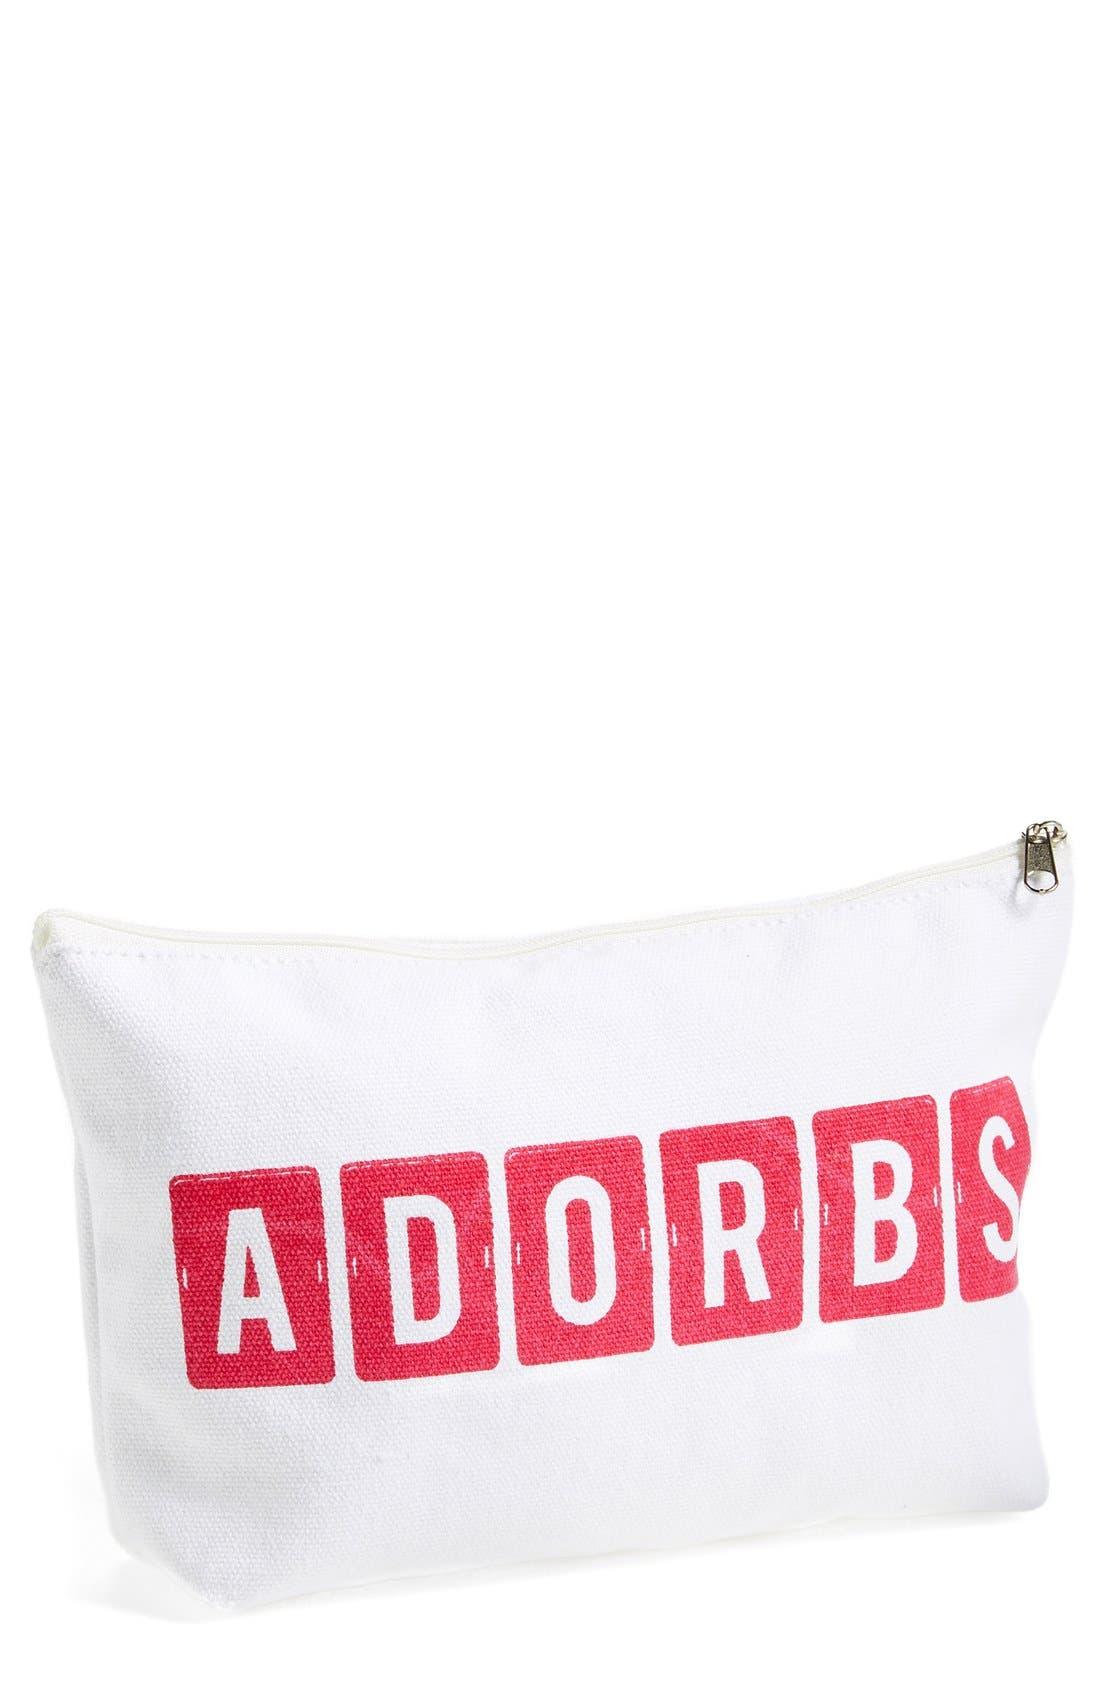 'Adorbs' Zip Top Accessory Bag,                             Main thumbnail 1, color,                             100